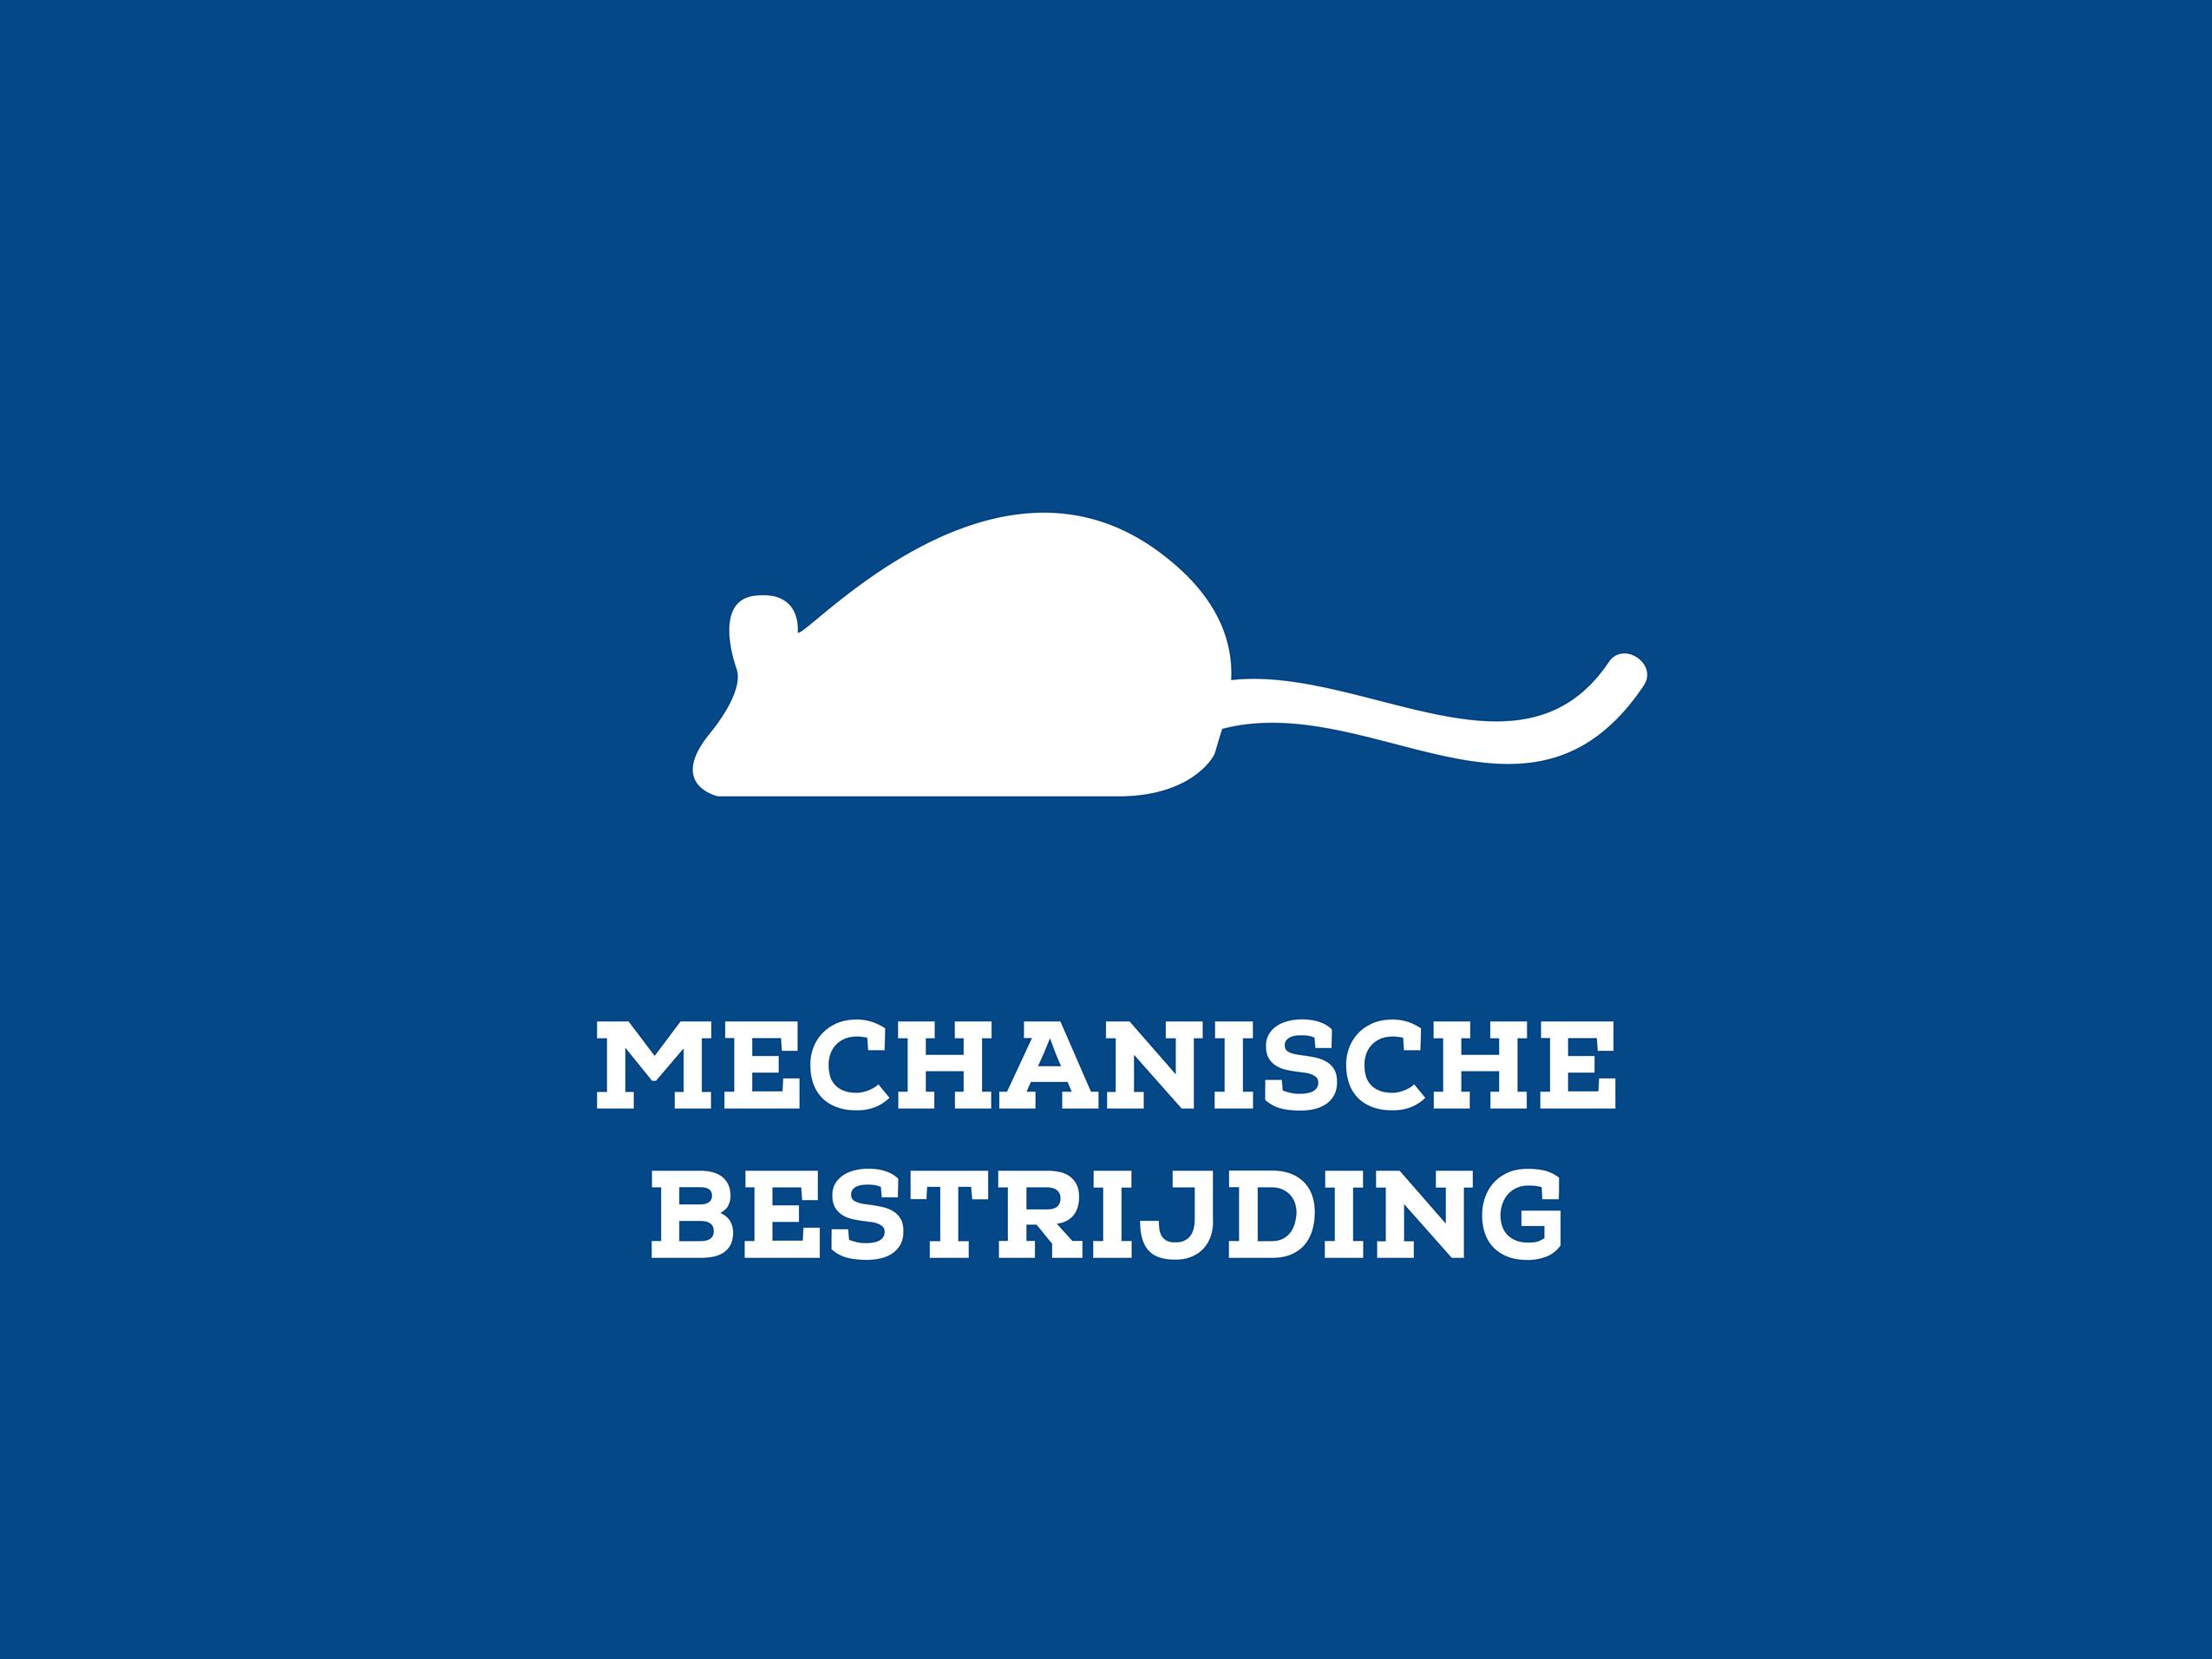 Mechanische bestrijding